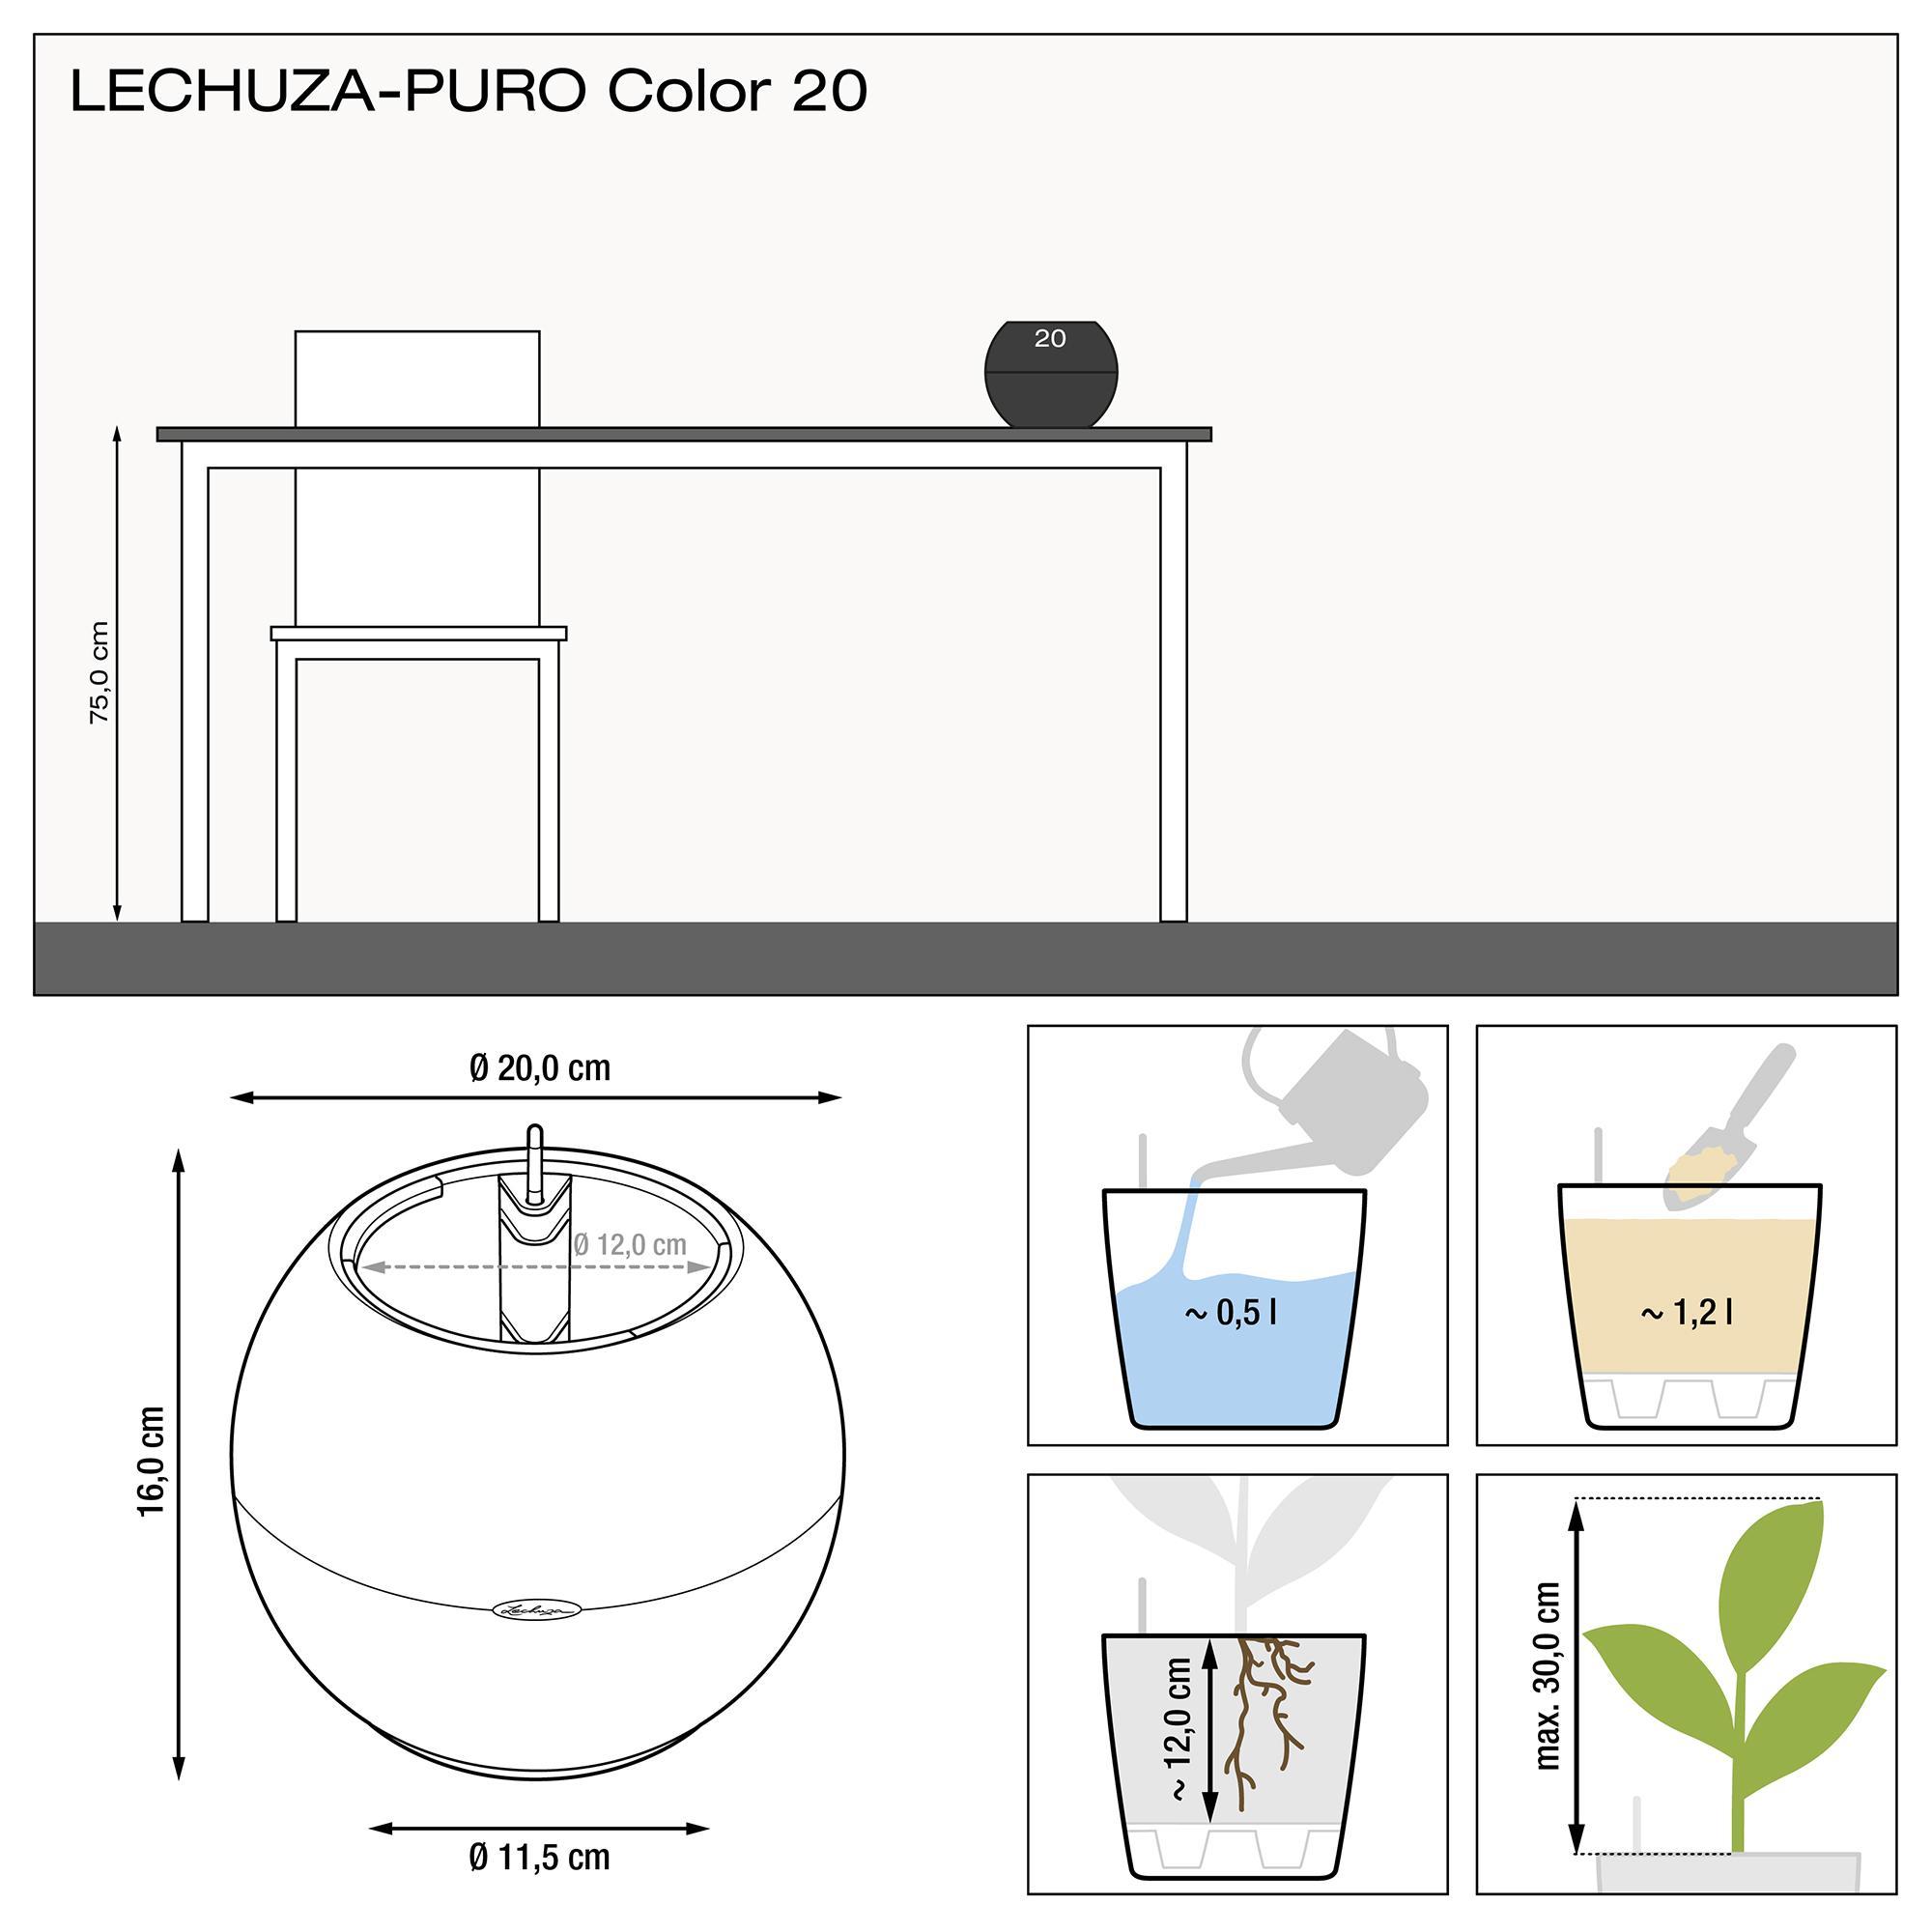 LECHUZA-PURO Color 20 white - Image 3